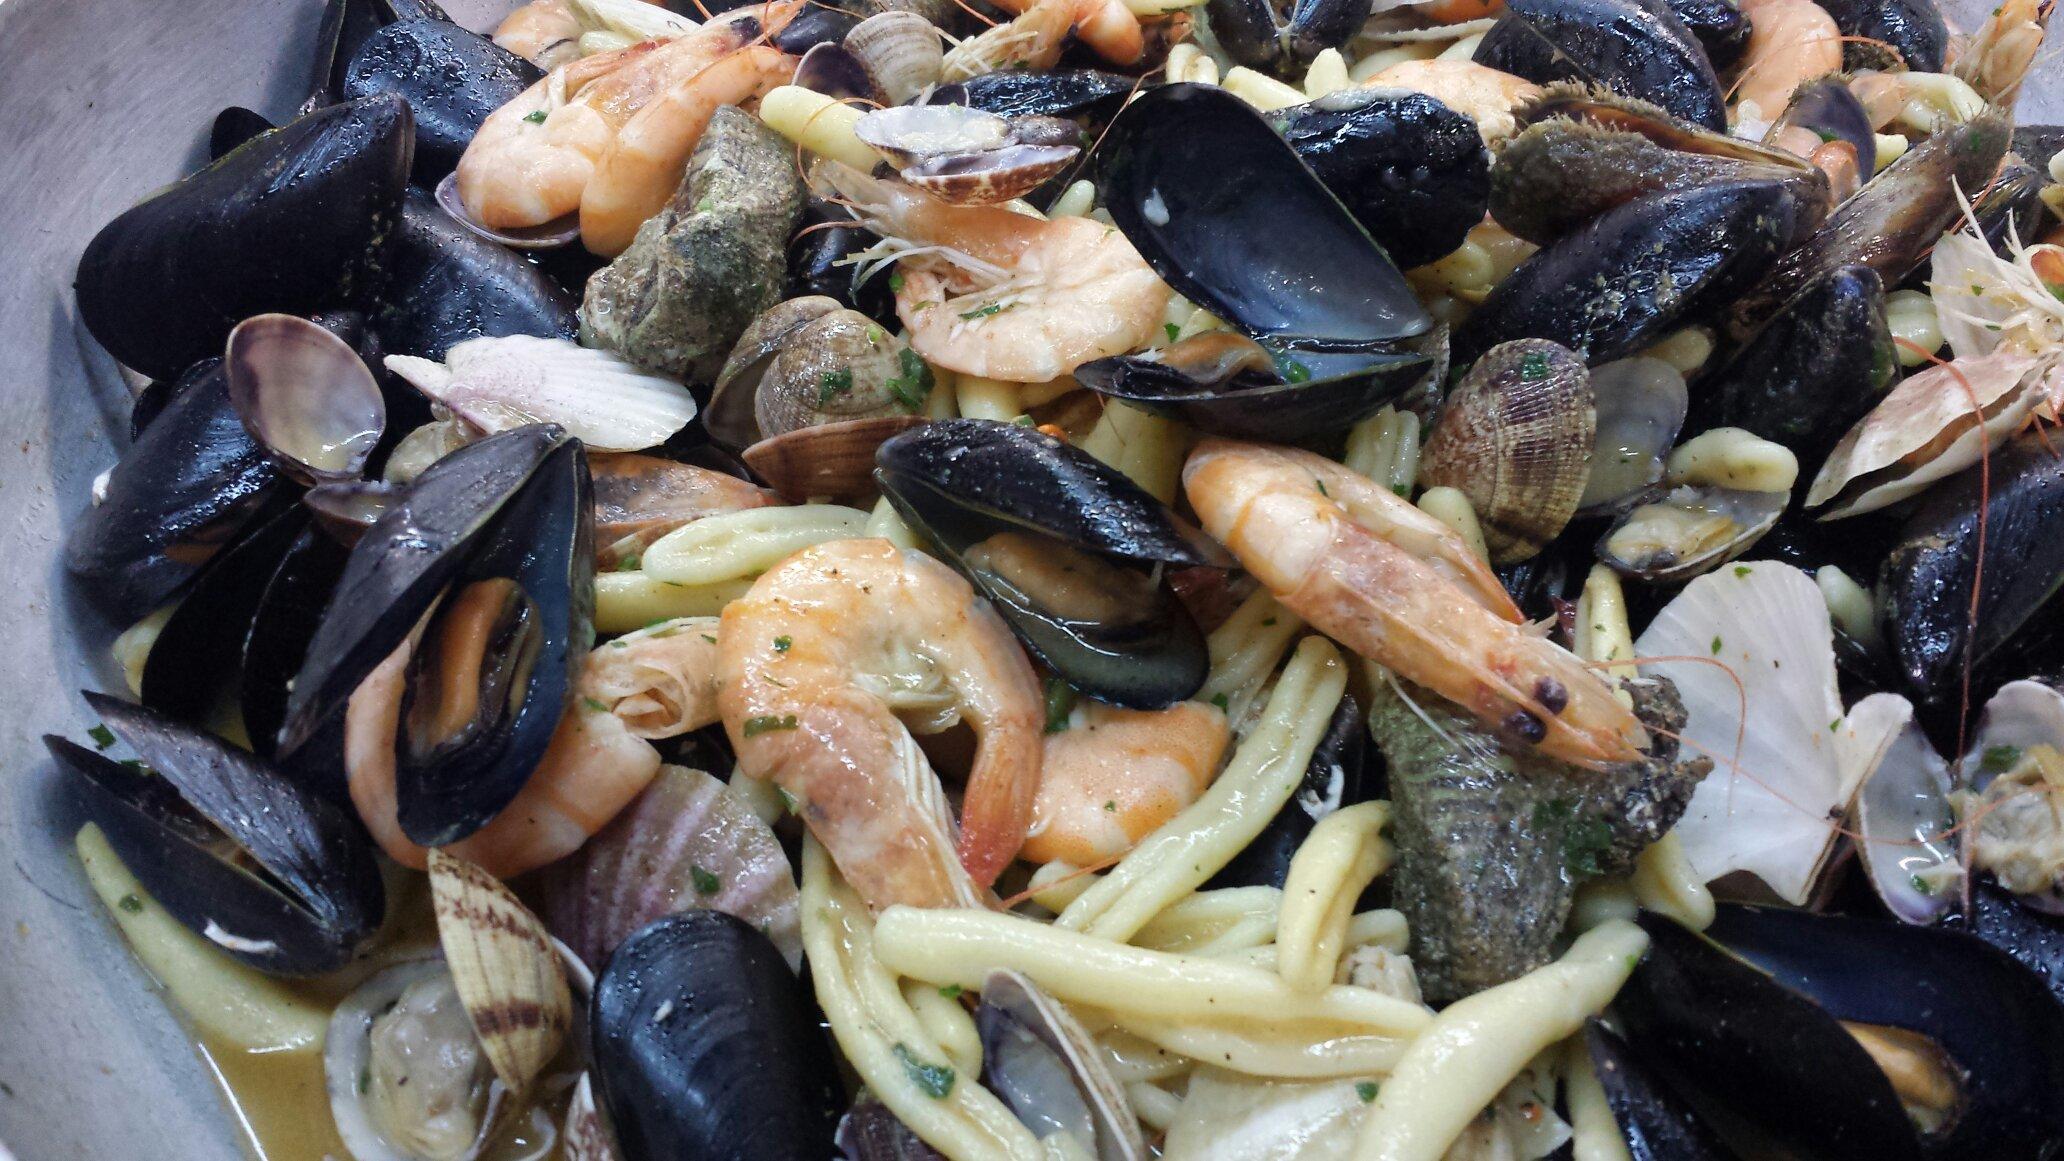 Figli di Puglia Ristobeach